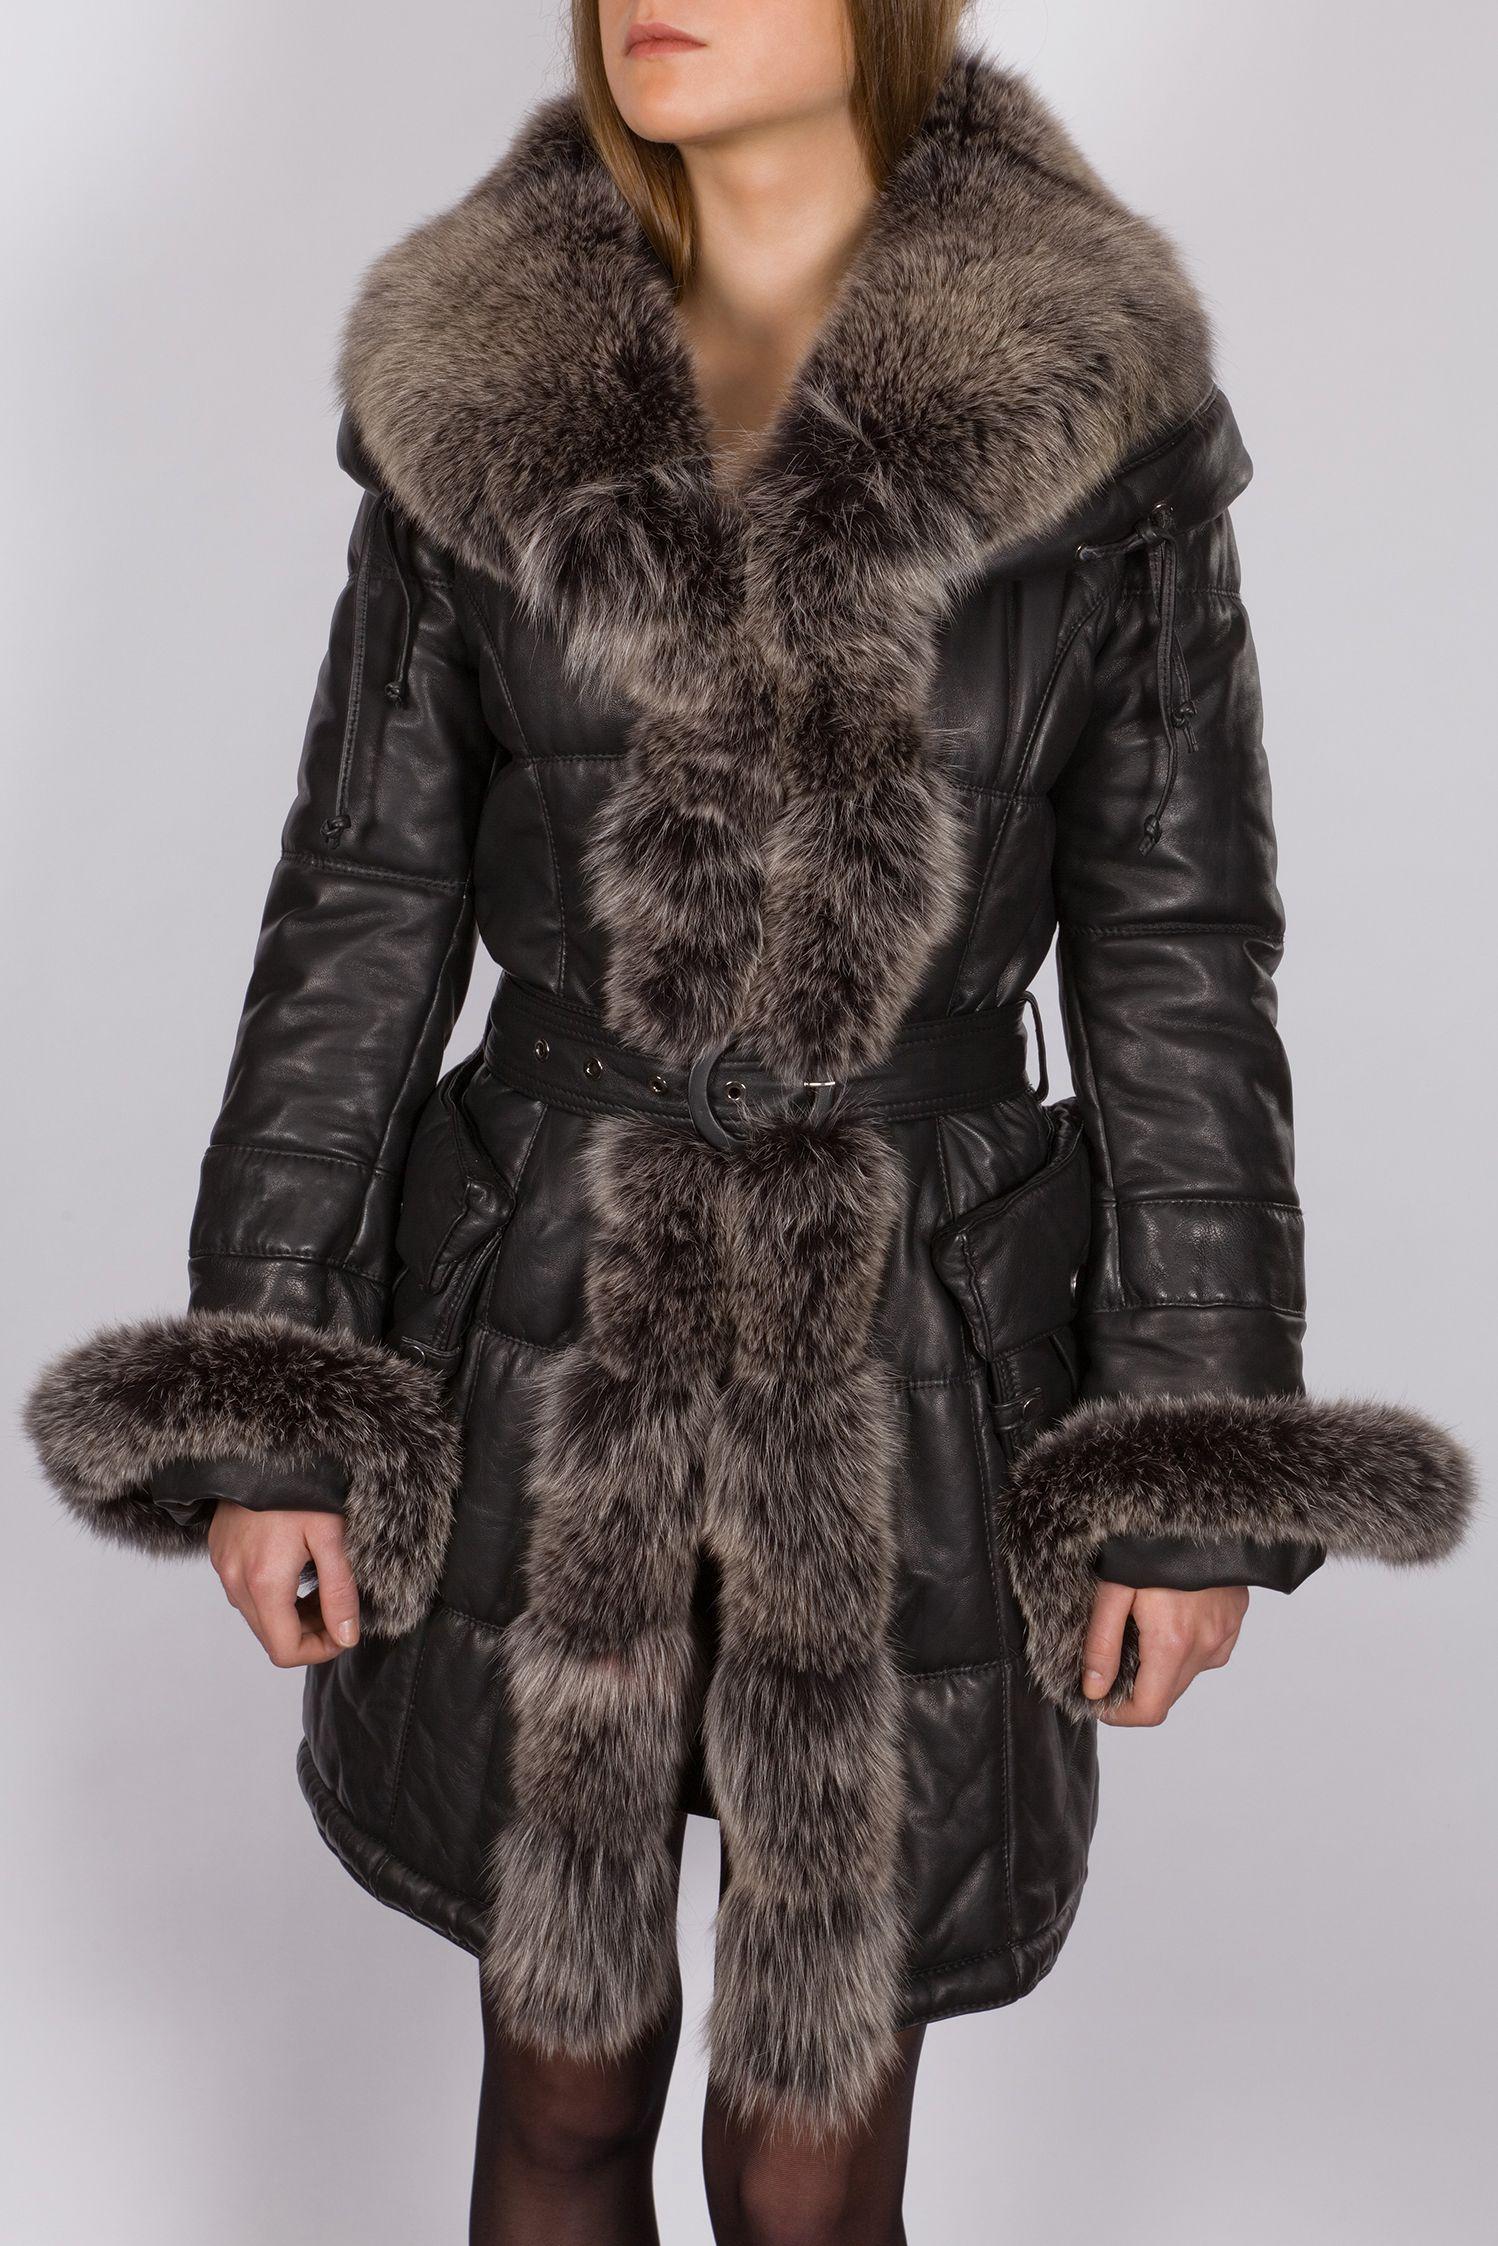 Fourrure Manteau manteau Femme U0027hiver D Fourrure Cuir Avec kXiTPZuO